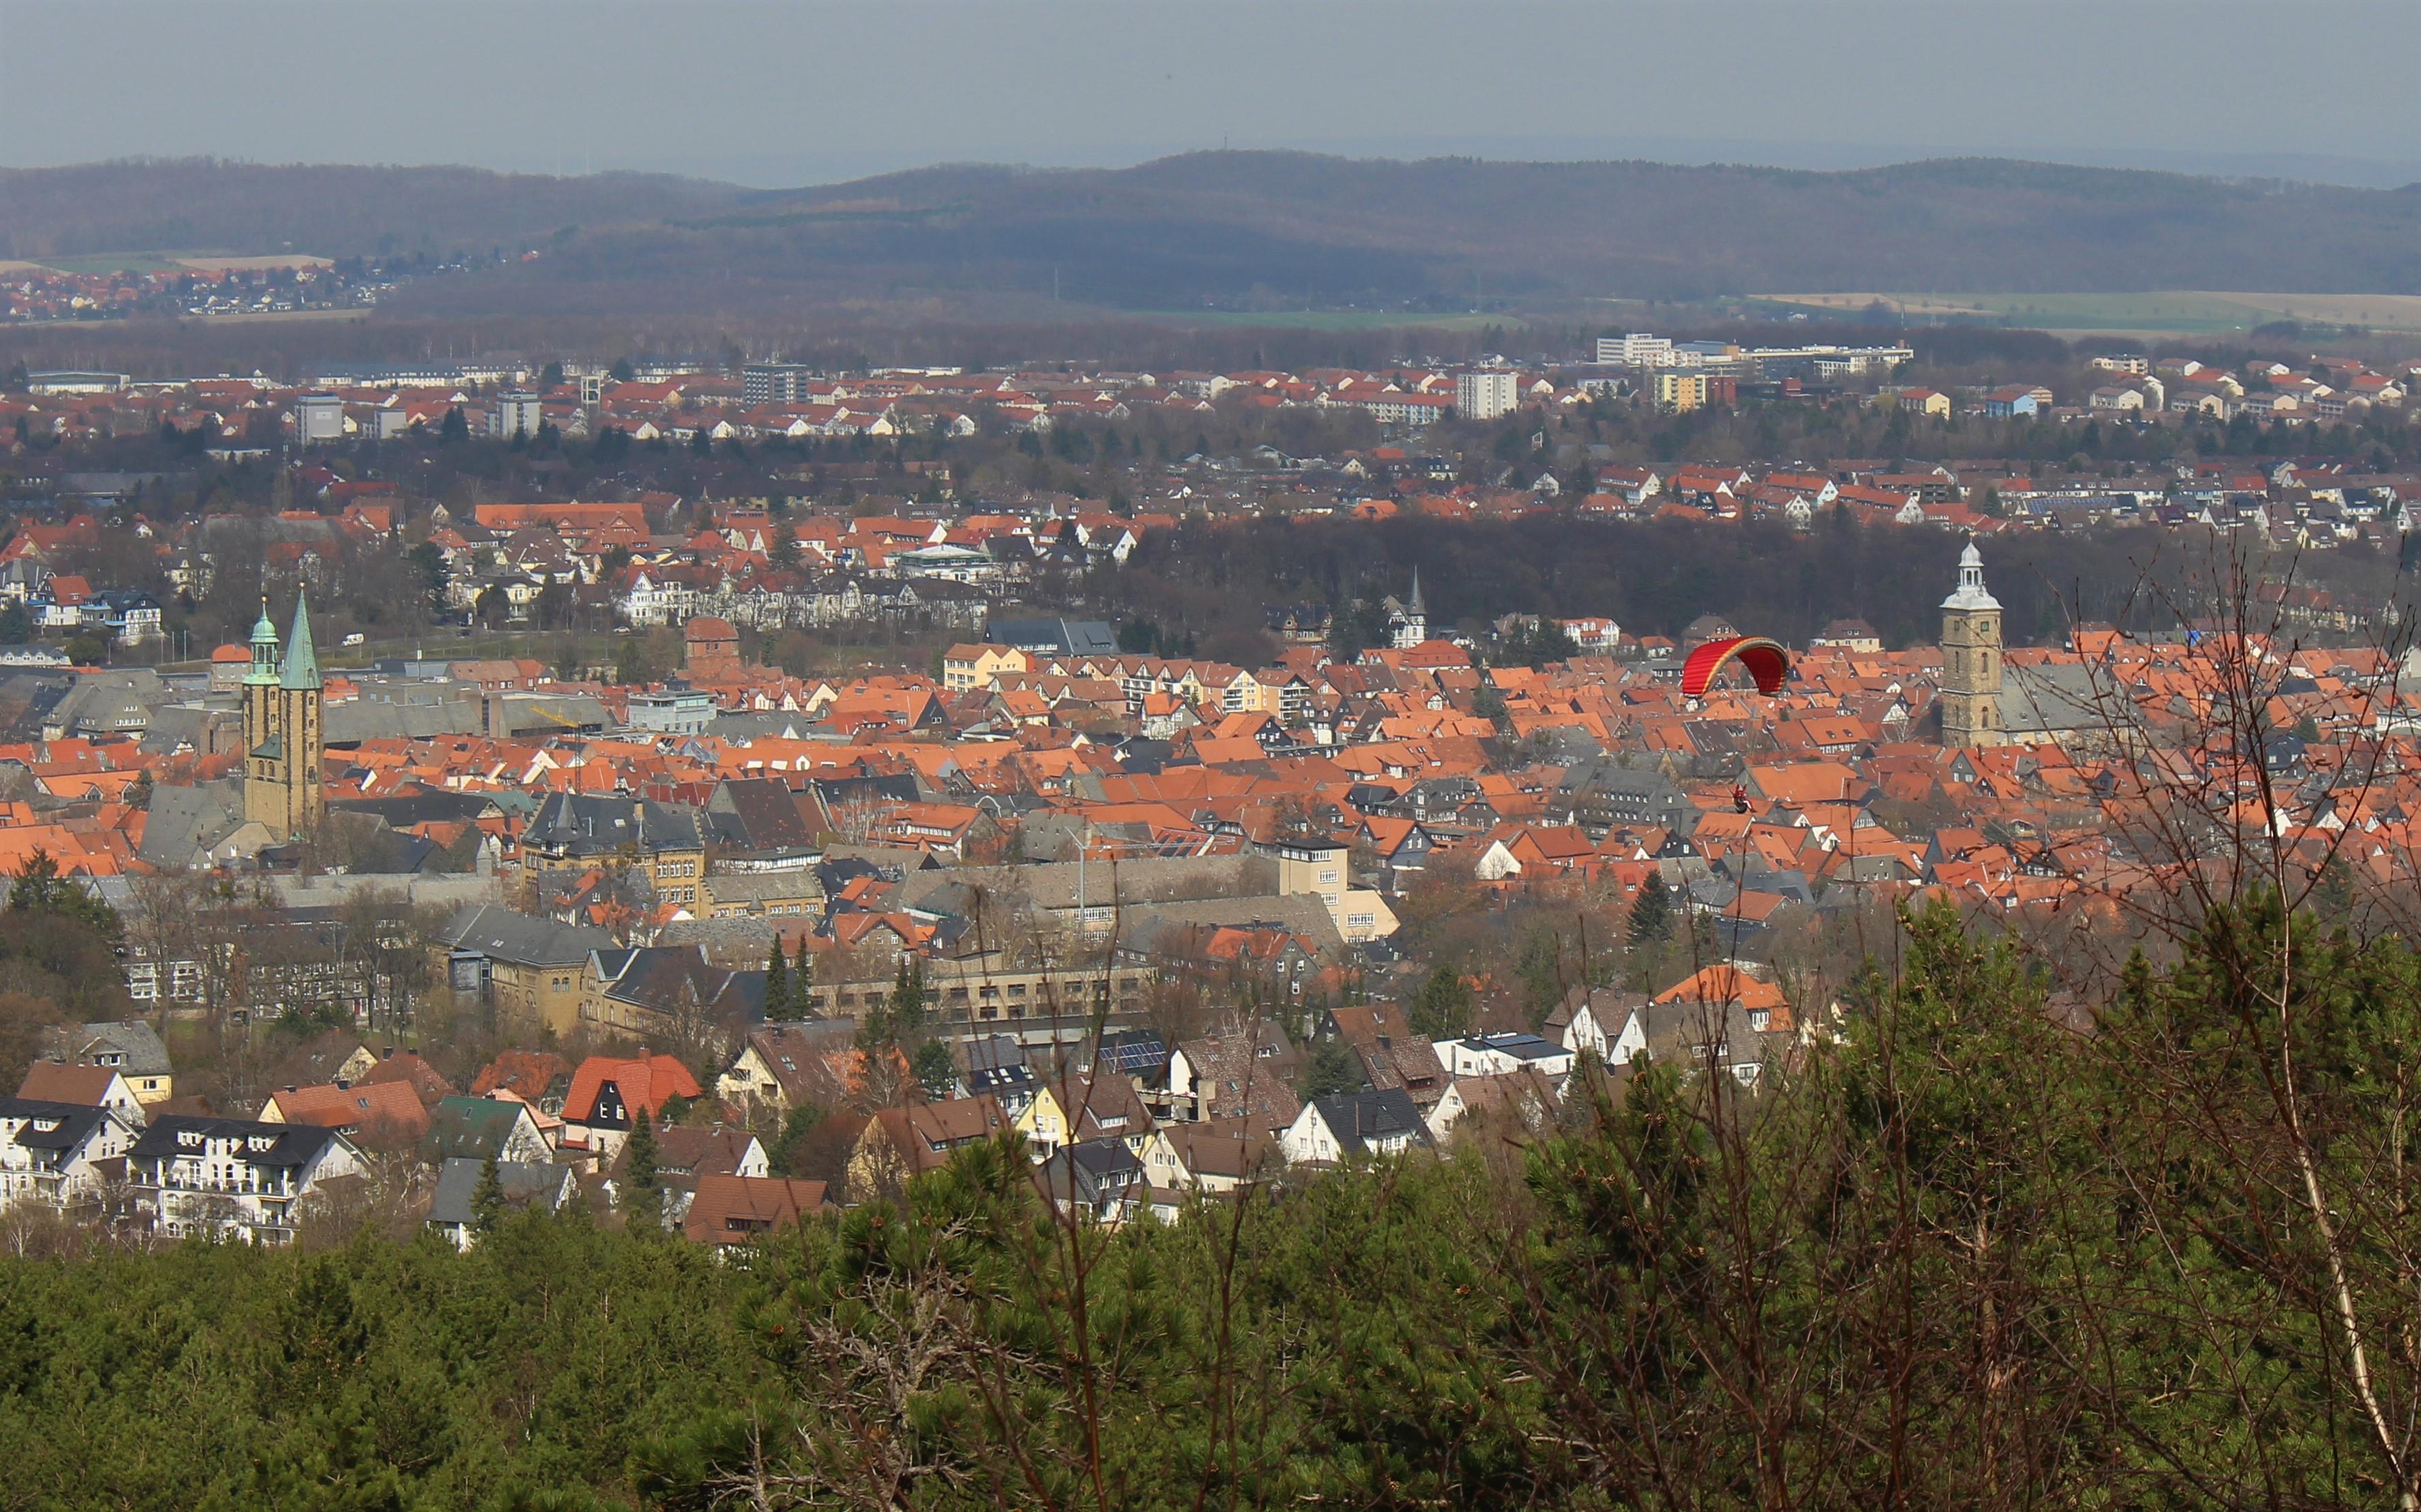 Goslar, Germany. Photo by Dragonfly Leathrum